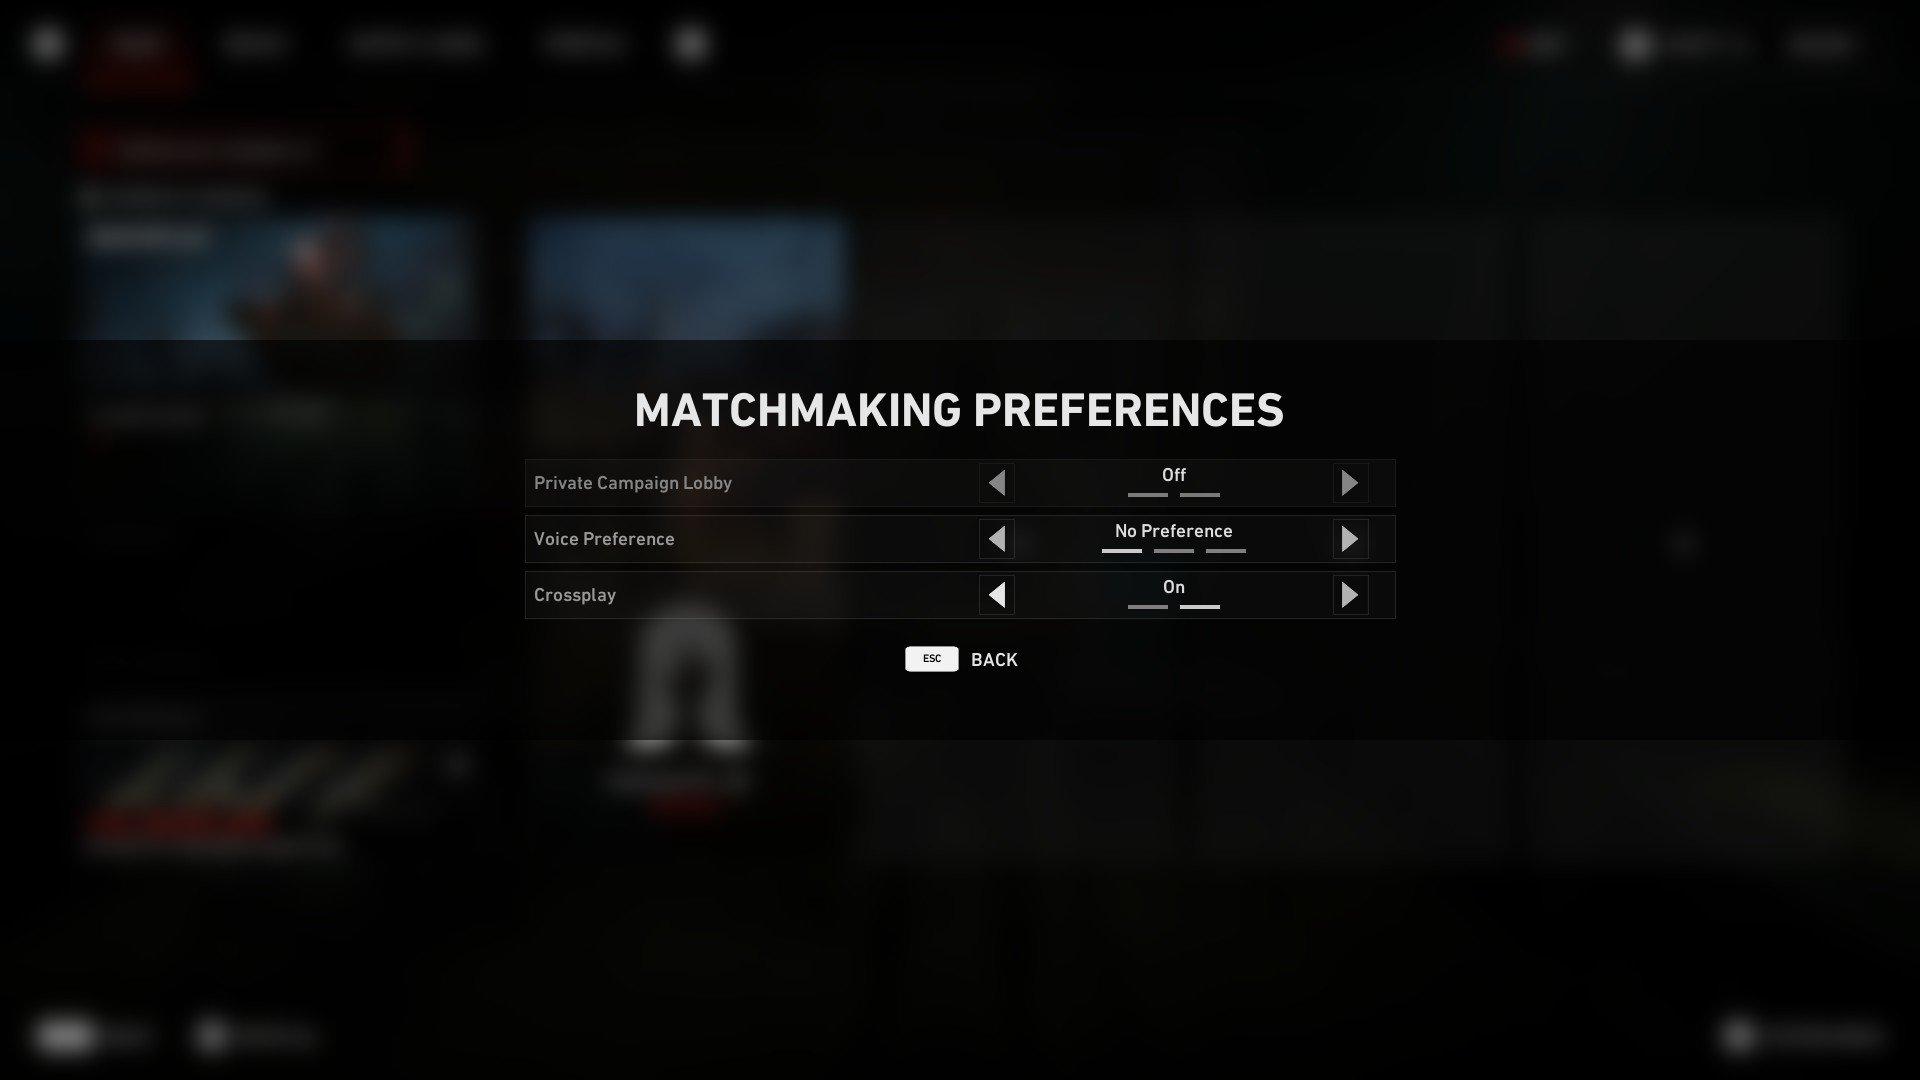 Back 4 Blood - Matchmaking Preferences Screenshot